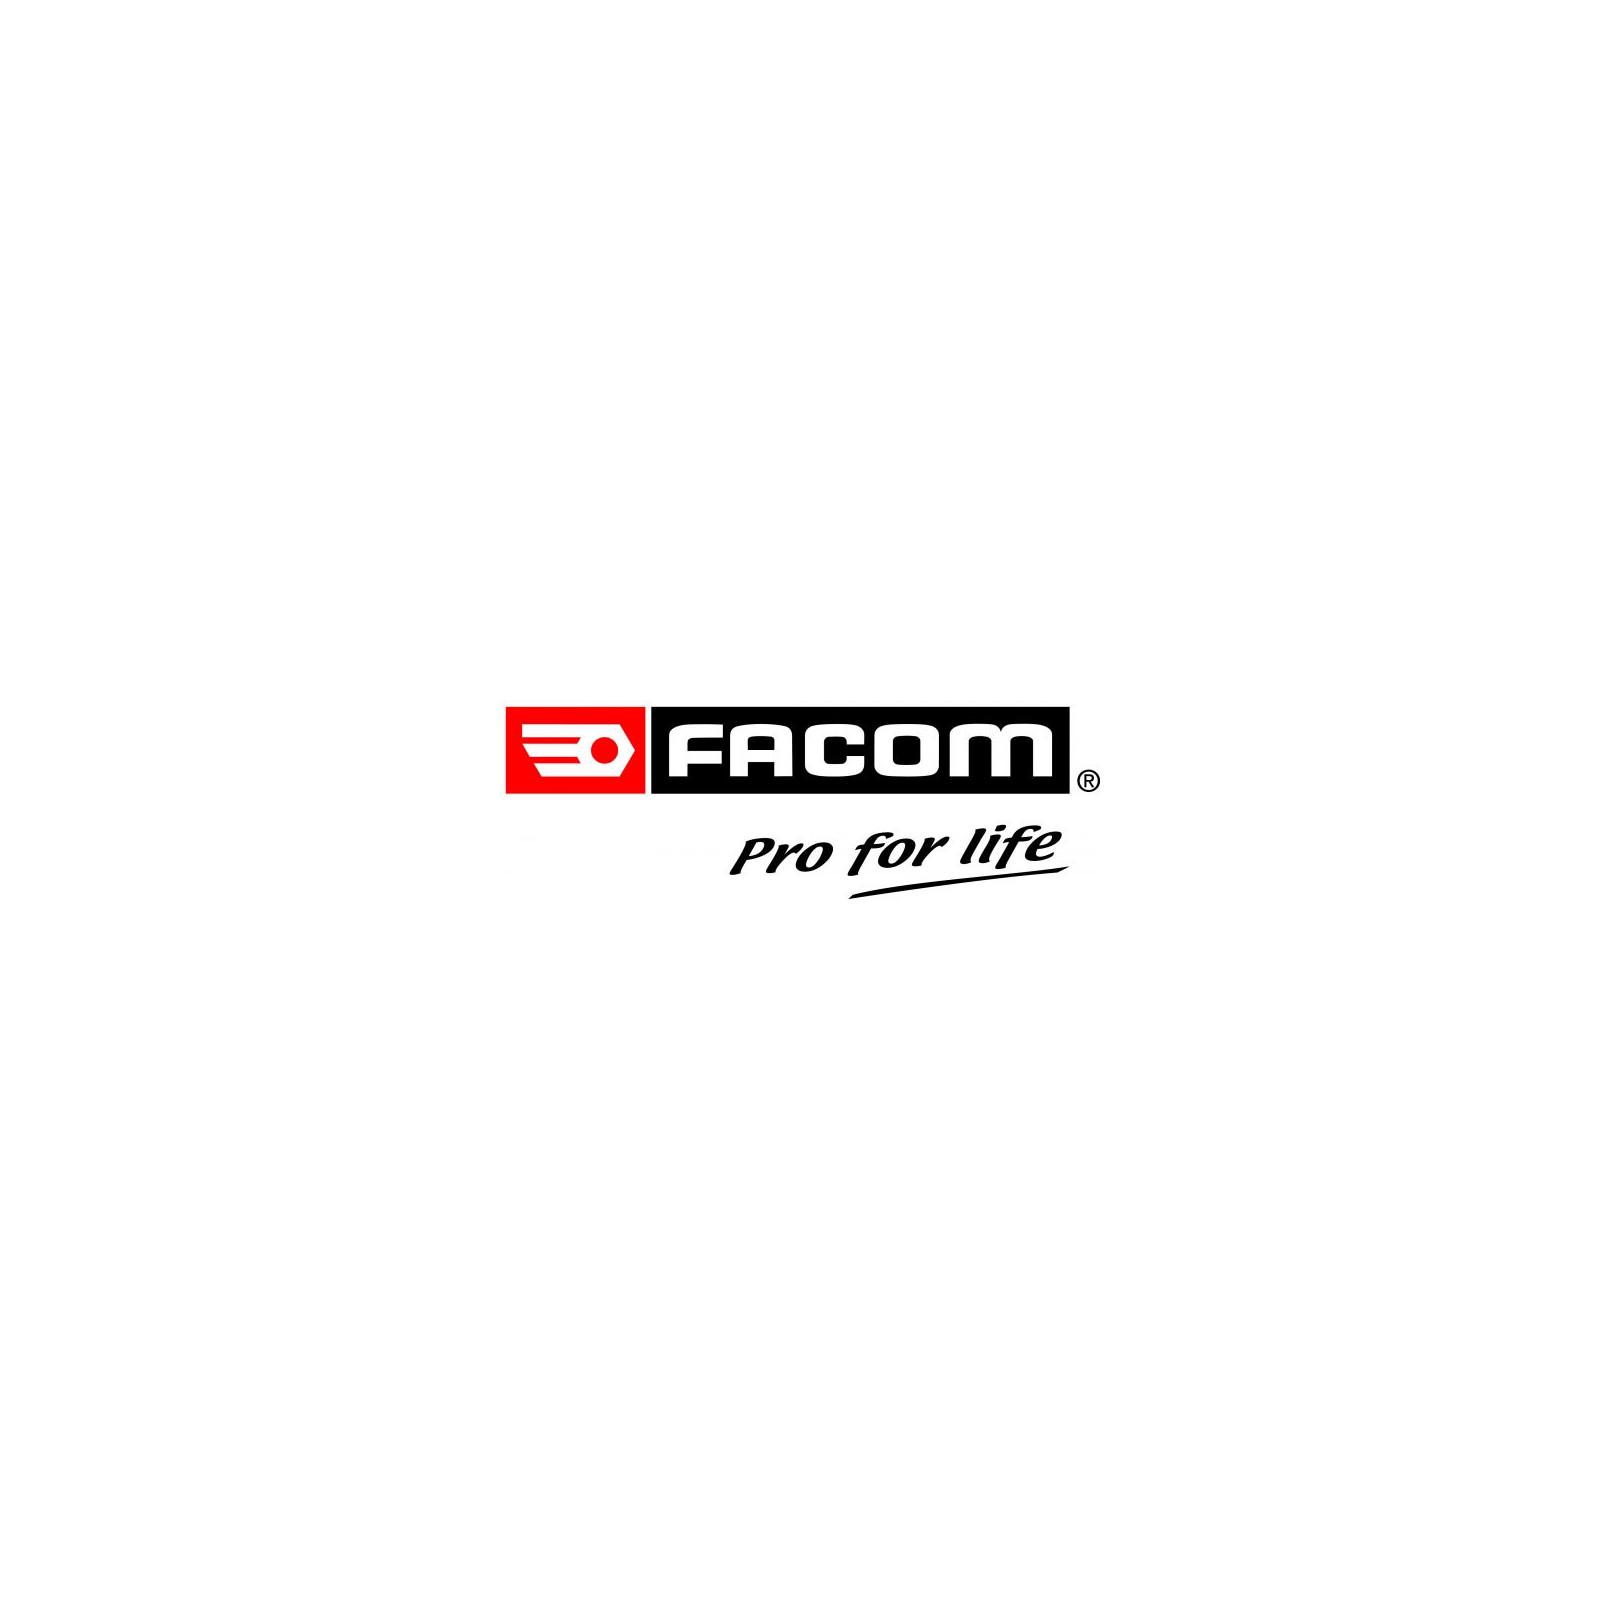 Ens.levier - Facom 500.03A